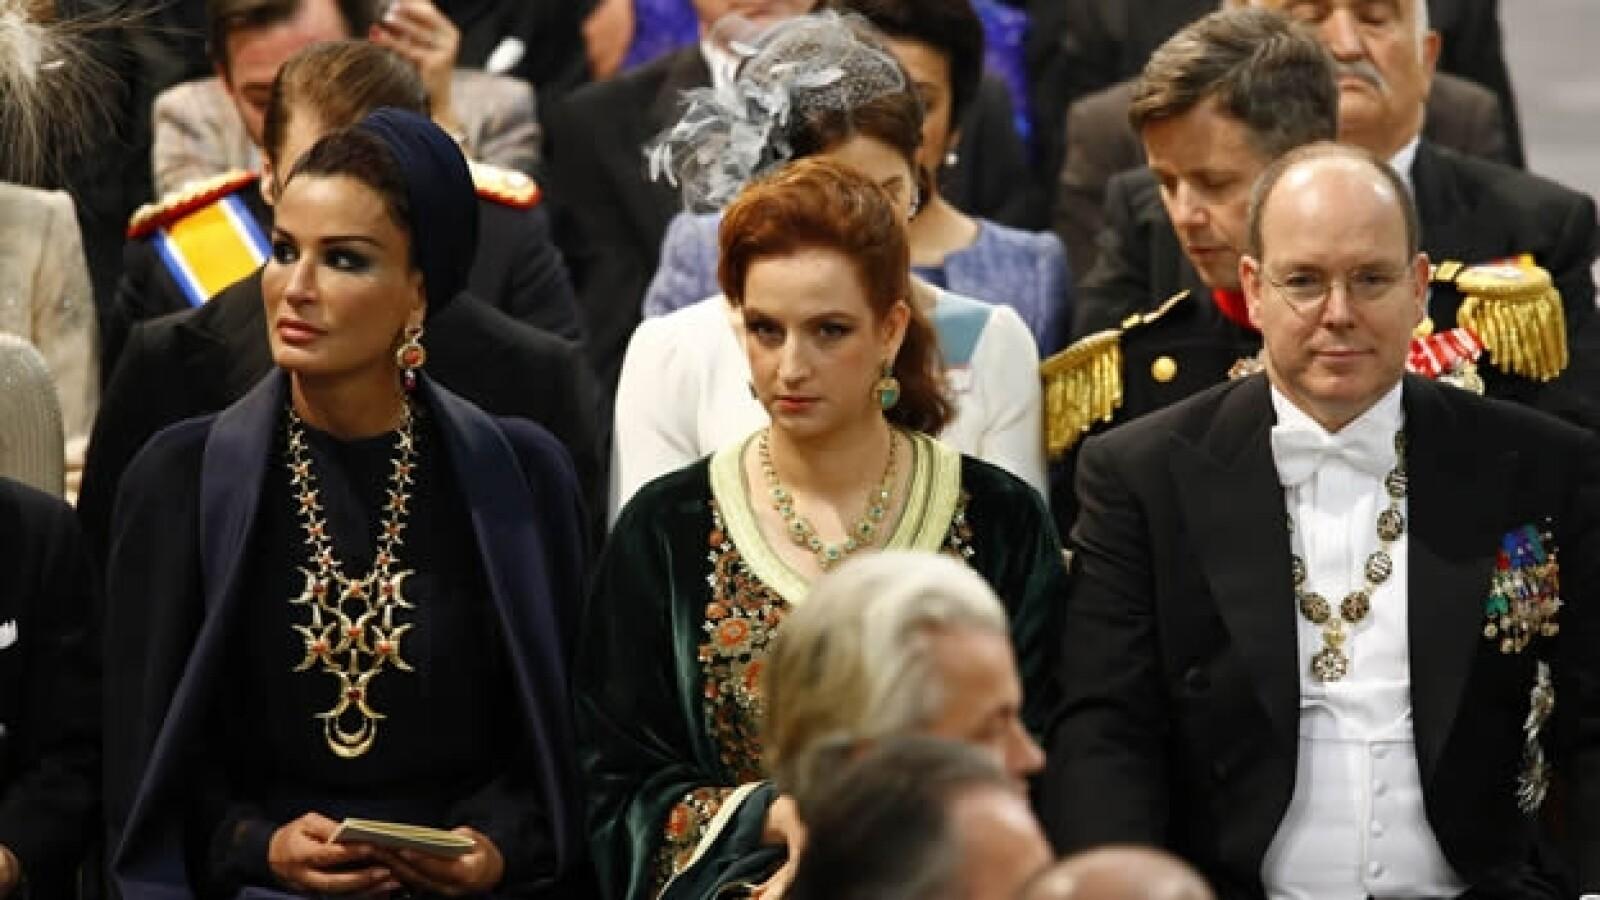 Jequesa Catar Moza bin Nasser princesa Lalla Salmala Marruecos principe Alberto Monaco